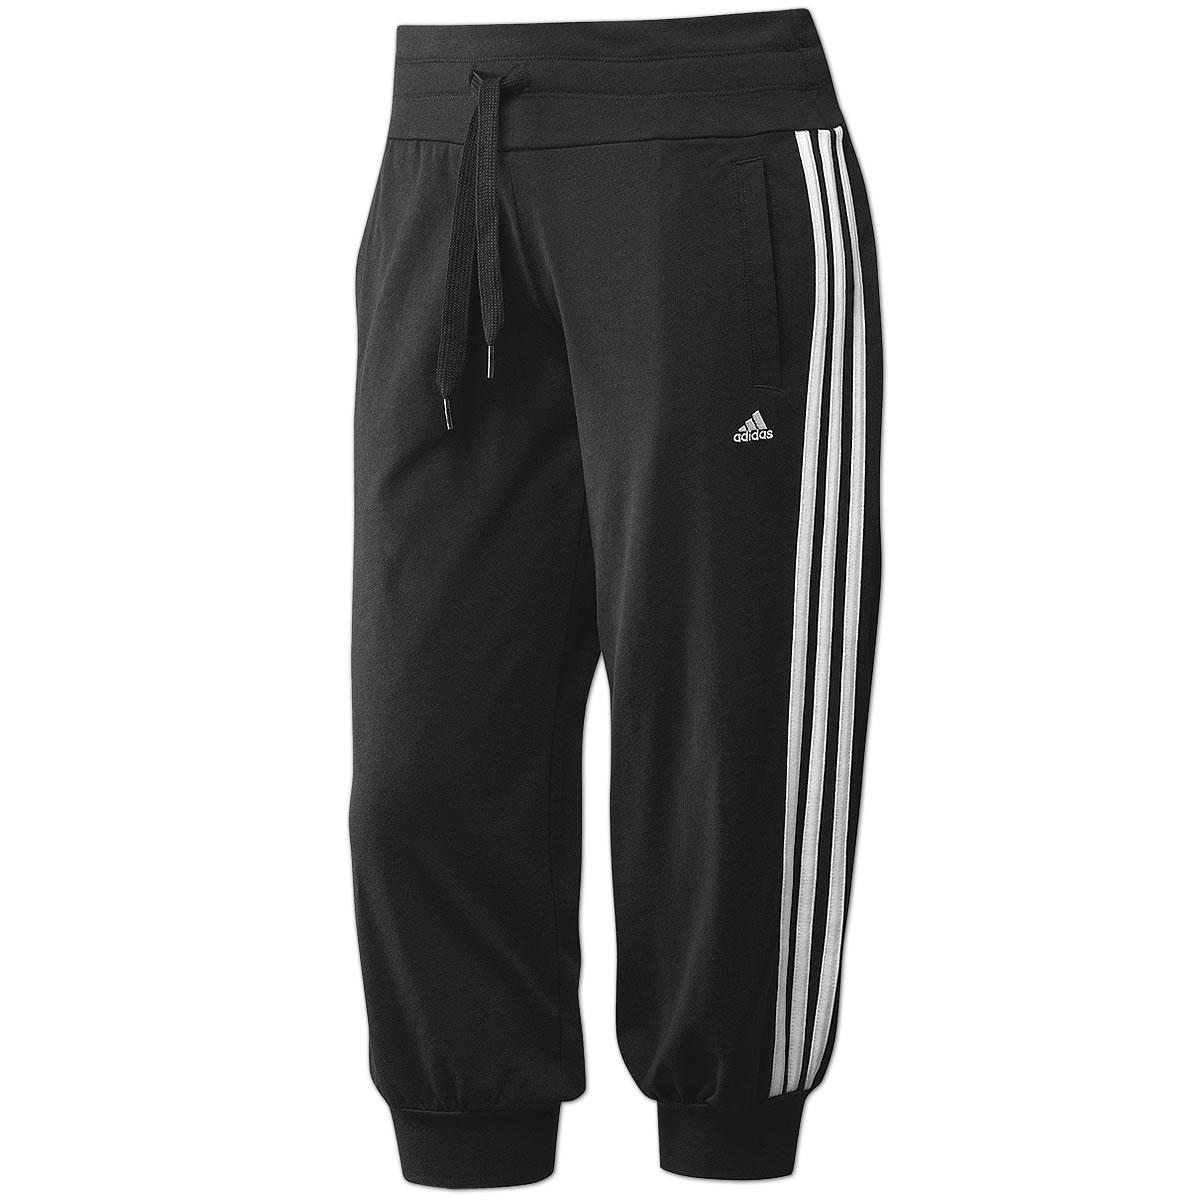 Adidas Damen 3//4 Hose Trainingshose Sport Pumphose CC Modern Capri Short schwarz